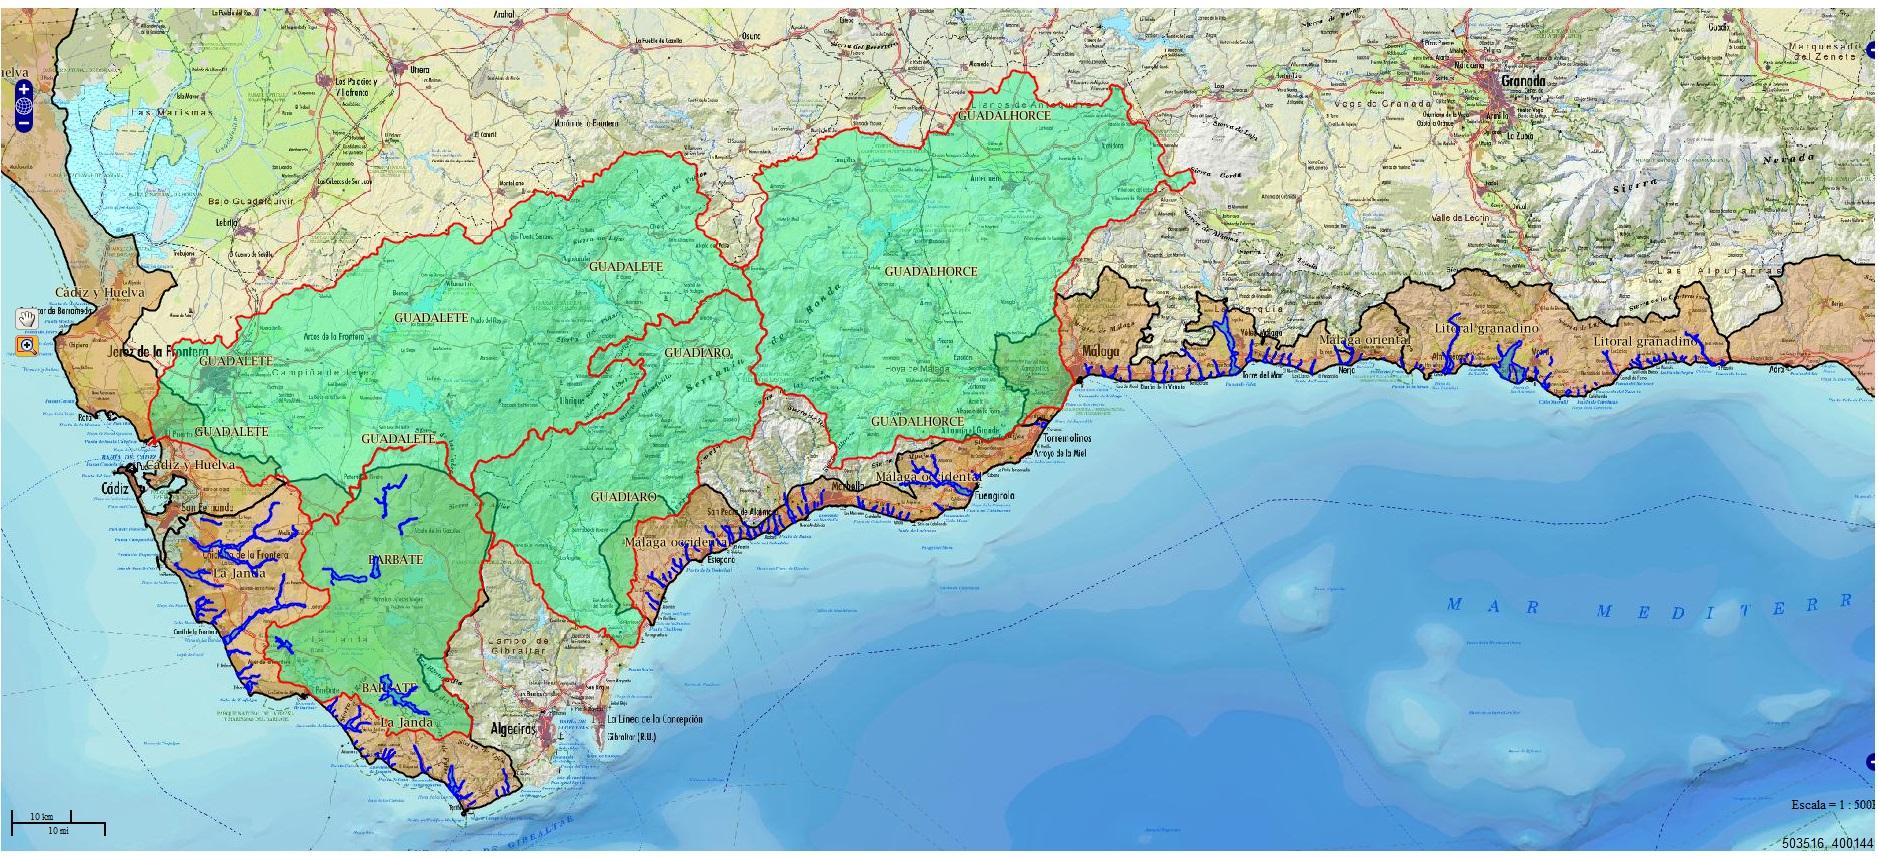 Zonas de riesgo de inundacin en Andaluca  Medio Ambiente